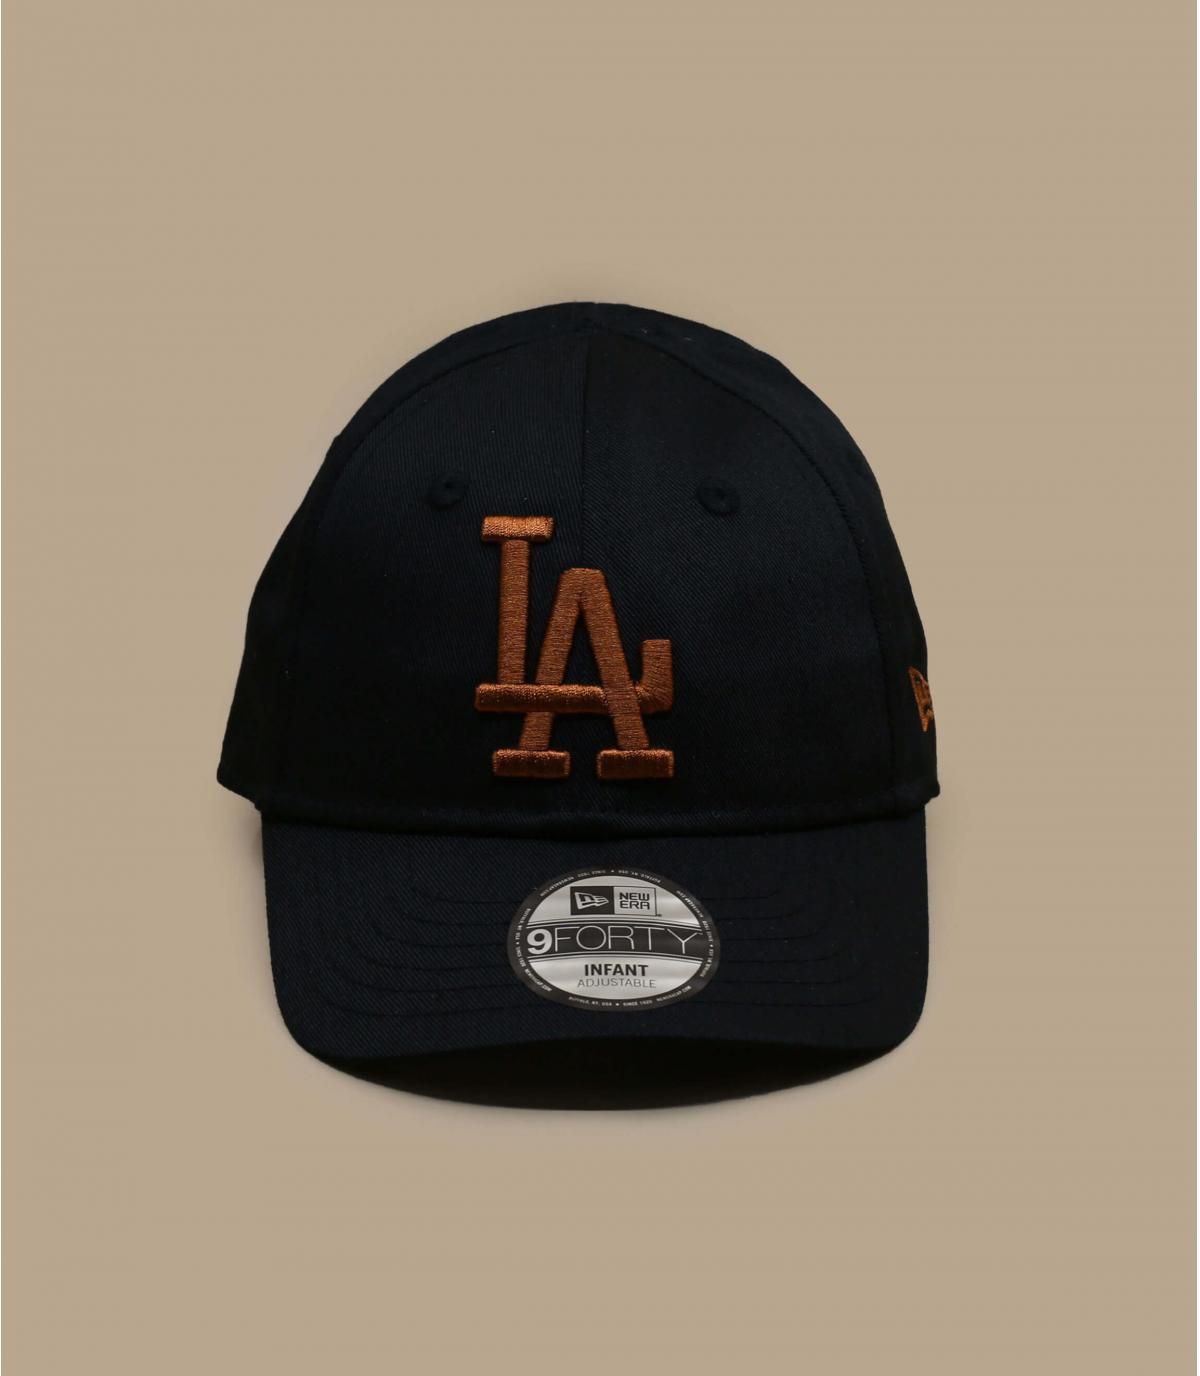 black LA baby cap